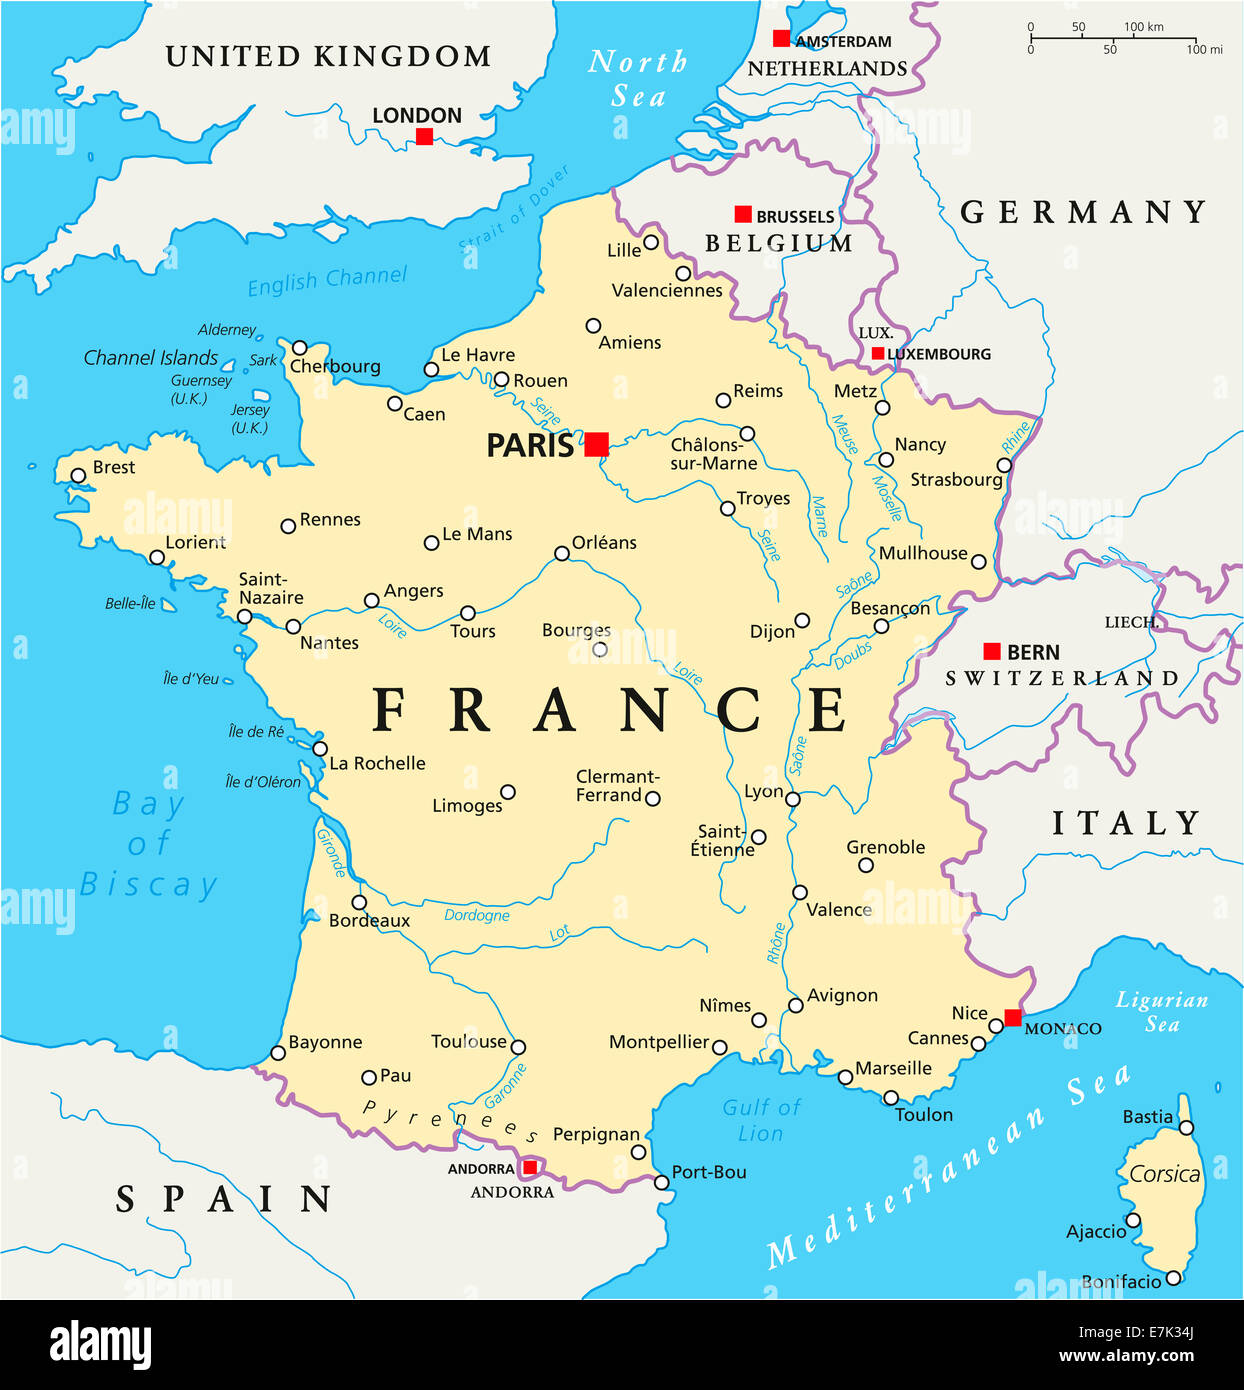 Cartina Francia Con Fiumi.Francia Mappa Politico Con Capitale Parigi Confini Nazionali Piu